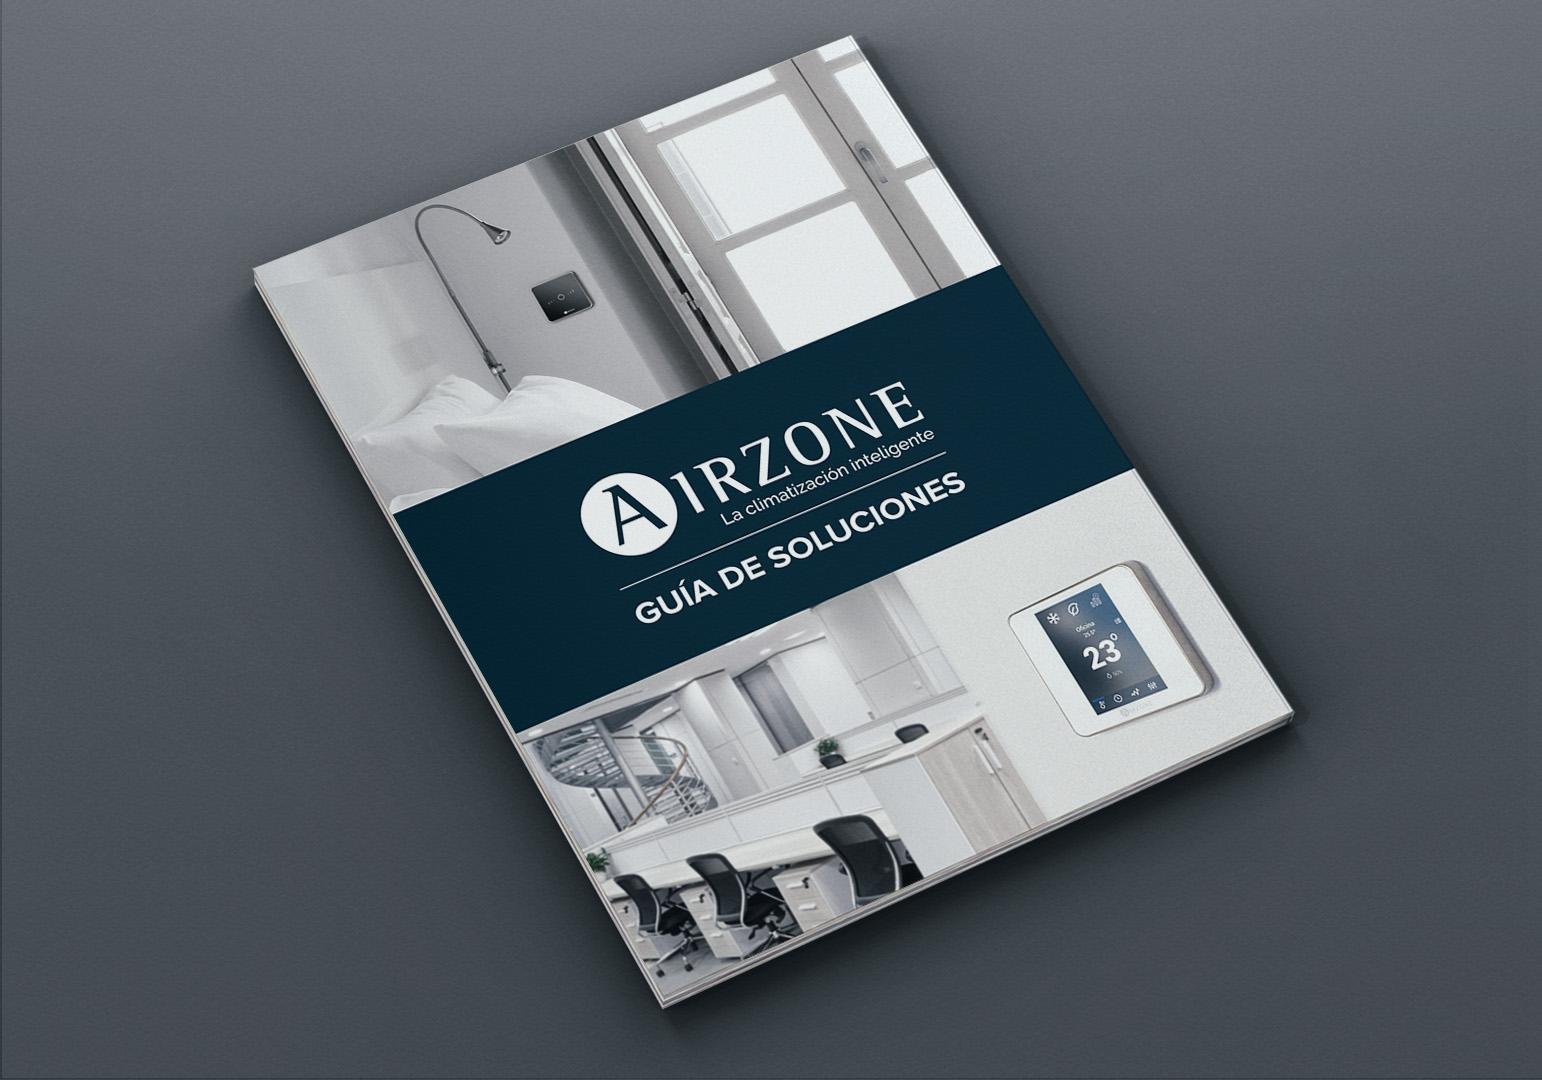 Nueva guía de soluciones de Airzone